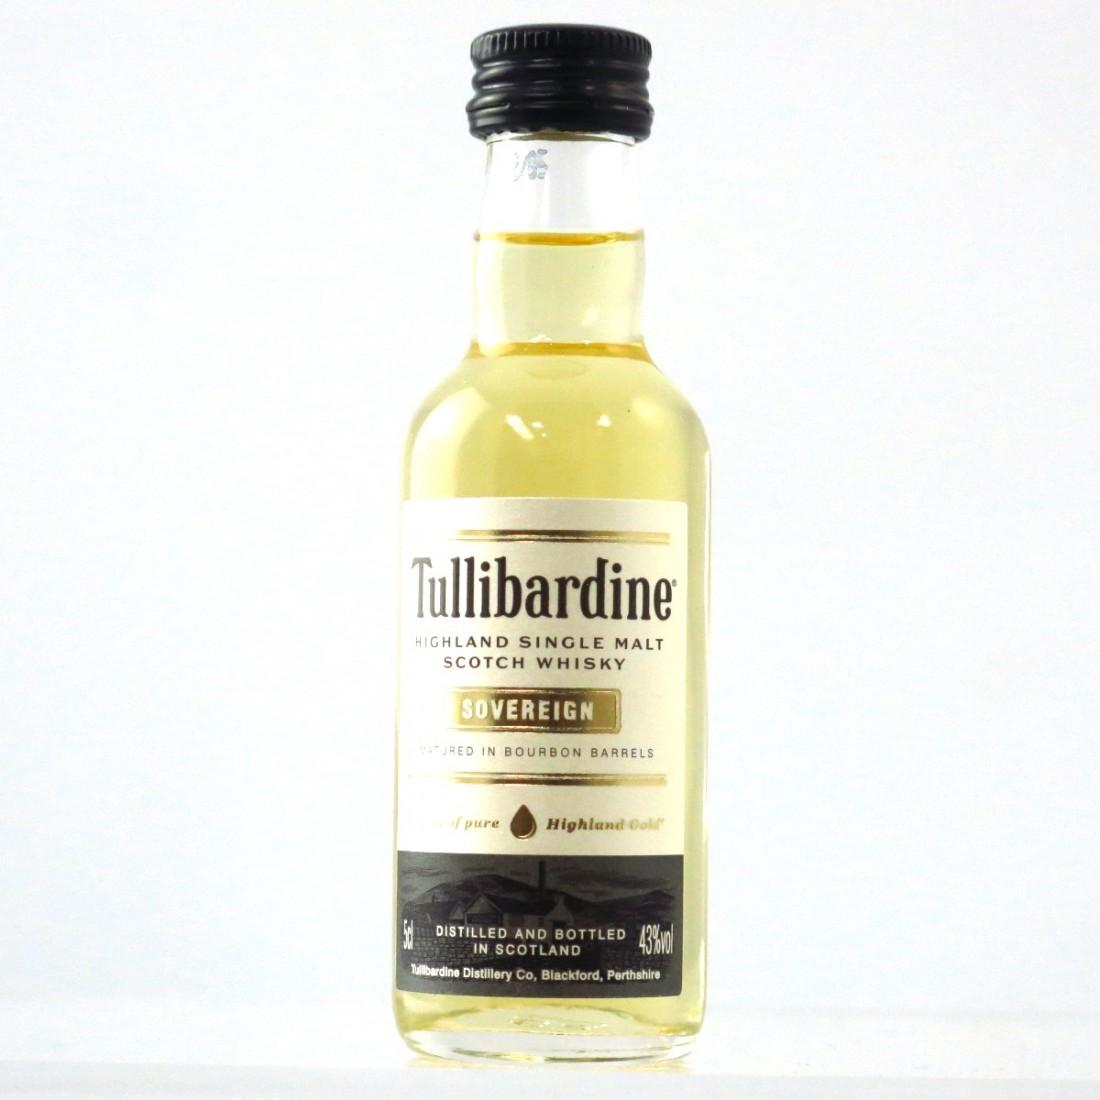 Tullibardine Sovereign Miniature 5cl